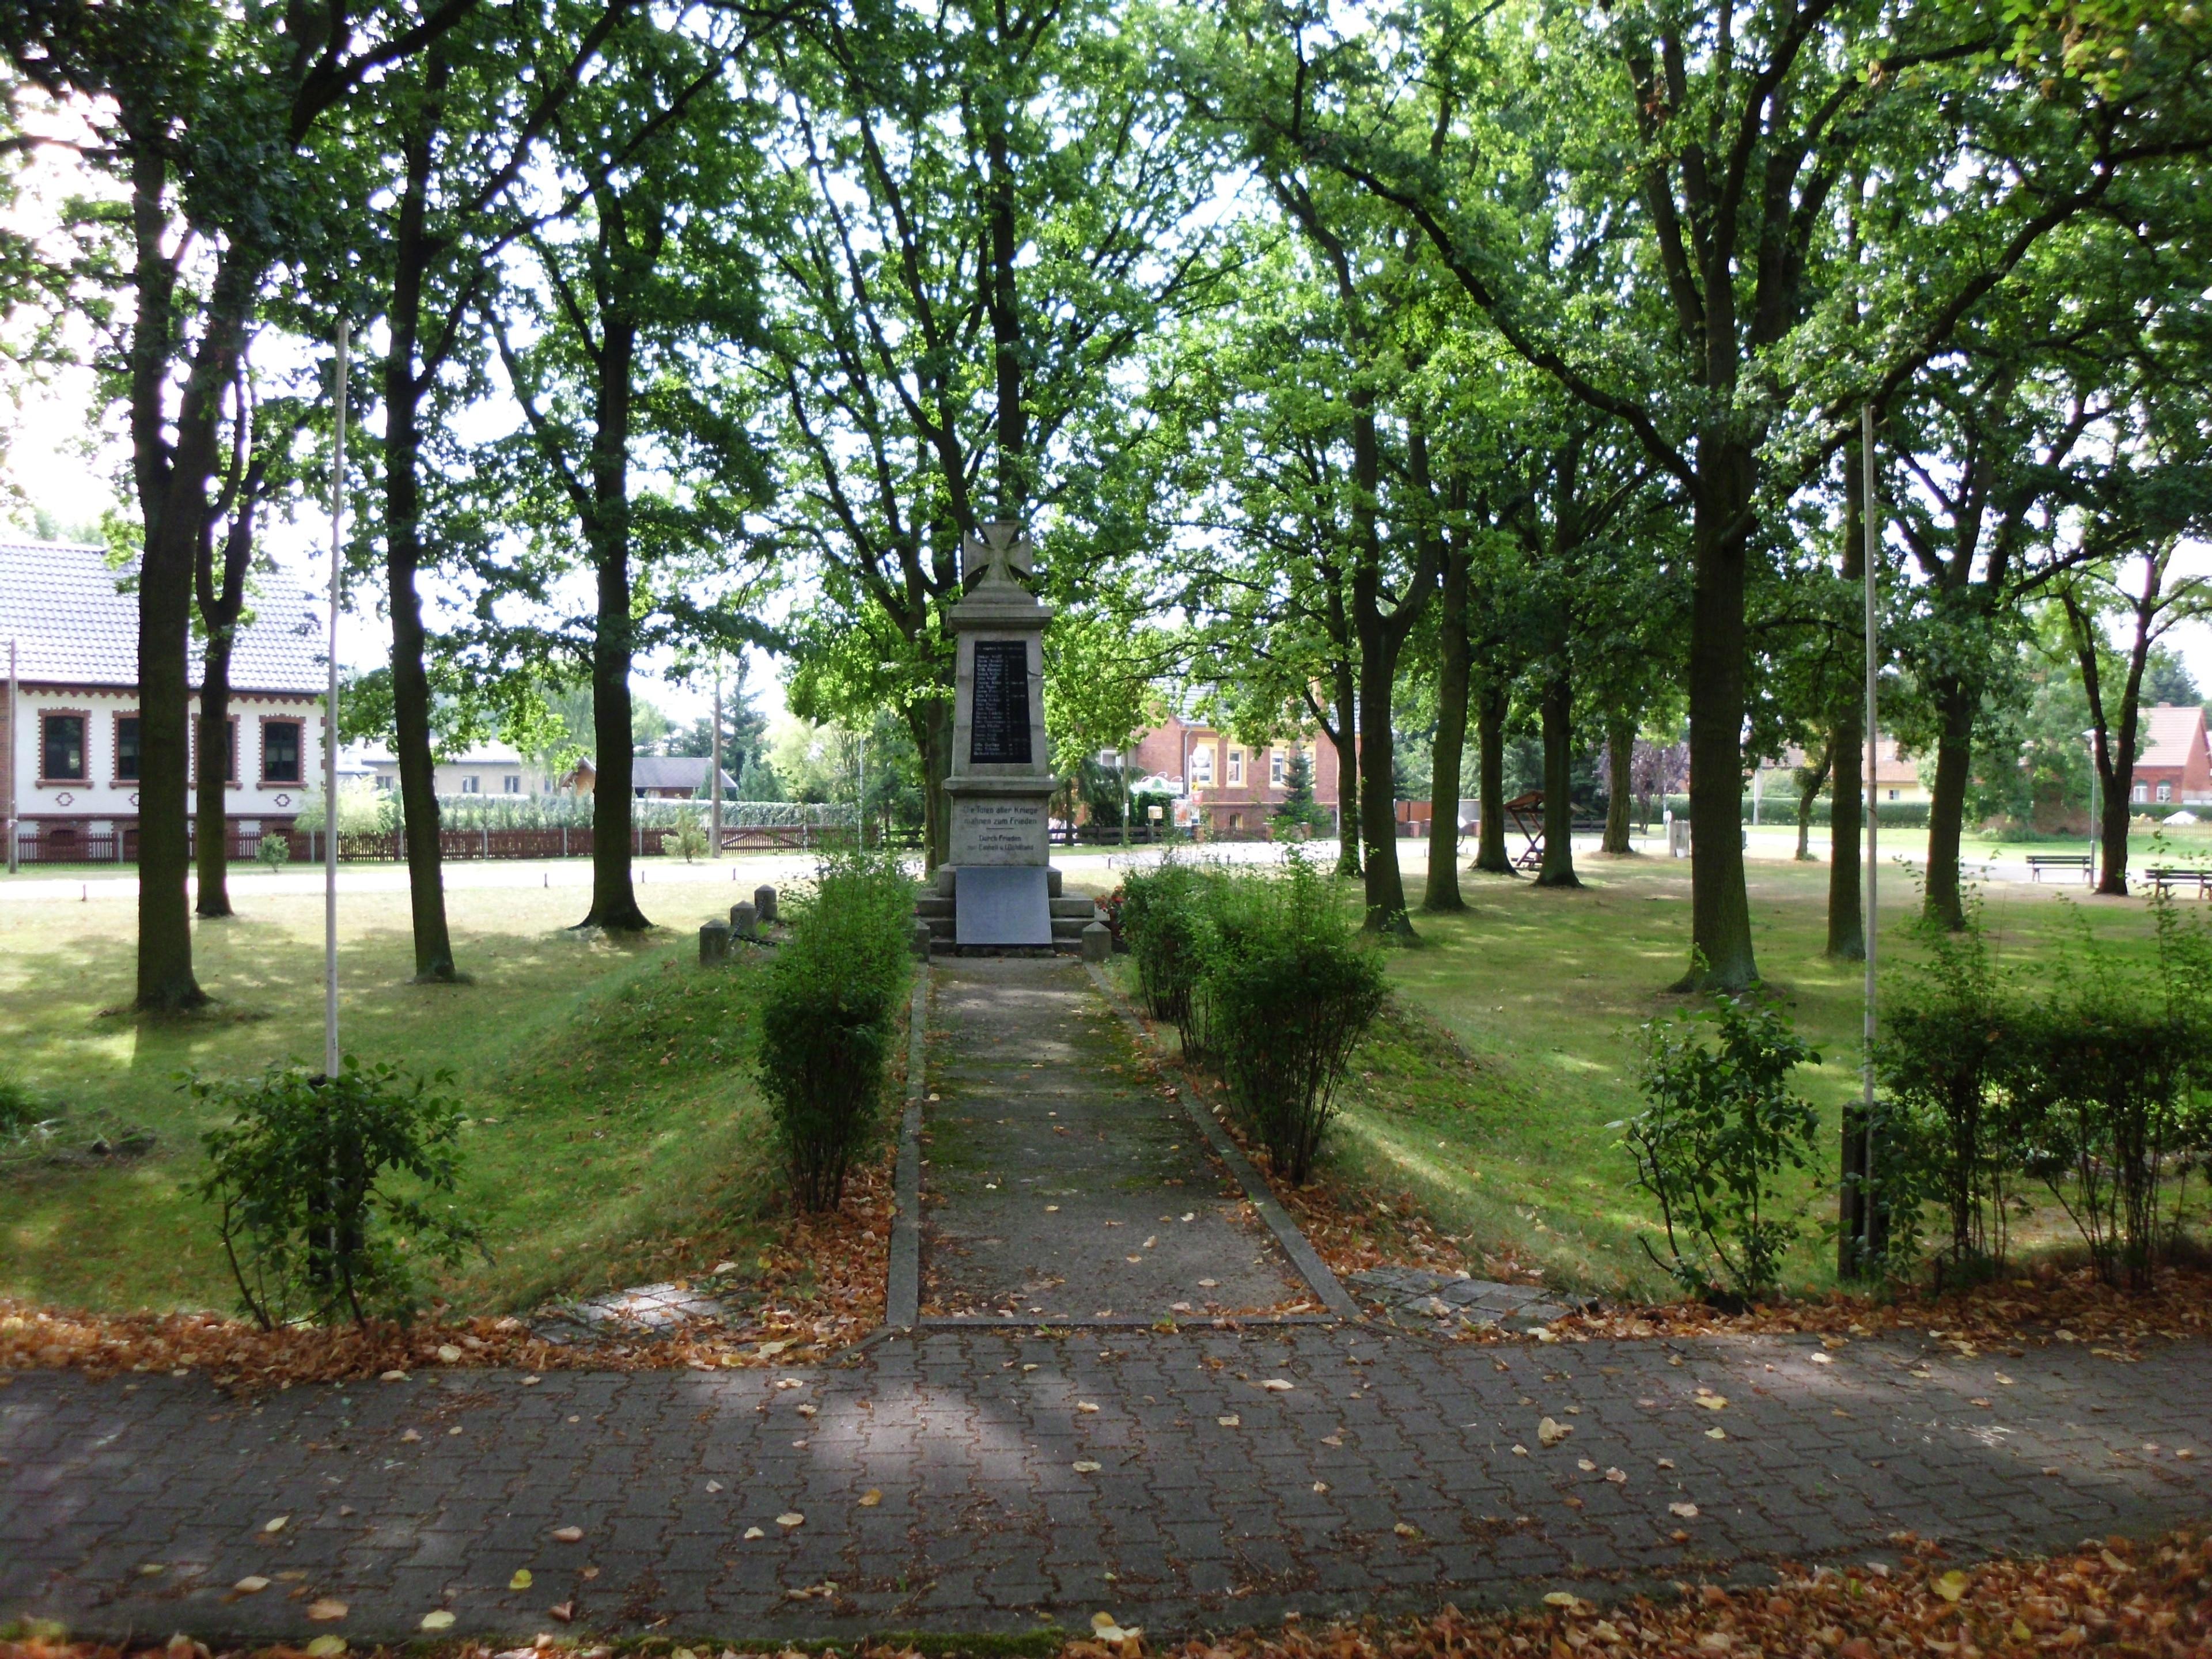 Legde/Quitzöbel, Brandenburg Region, Germany